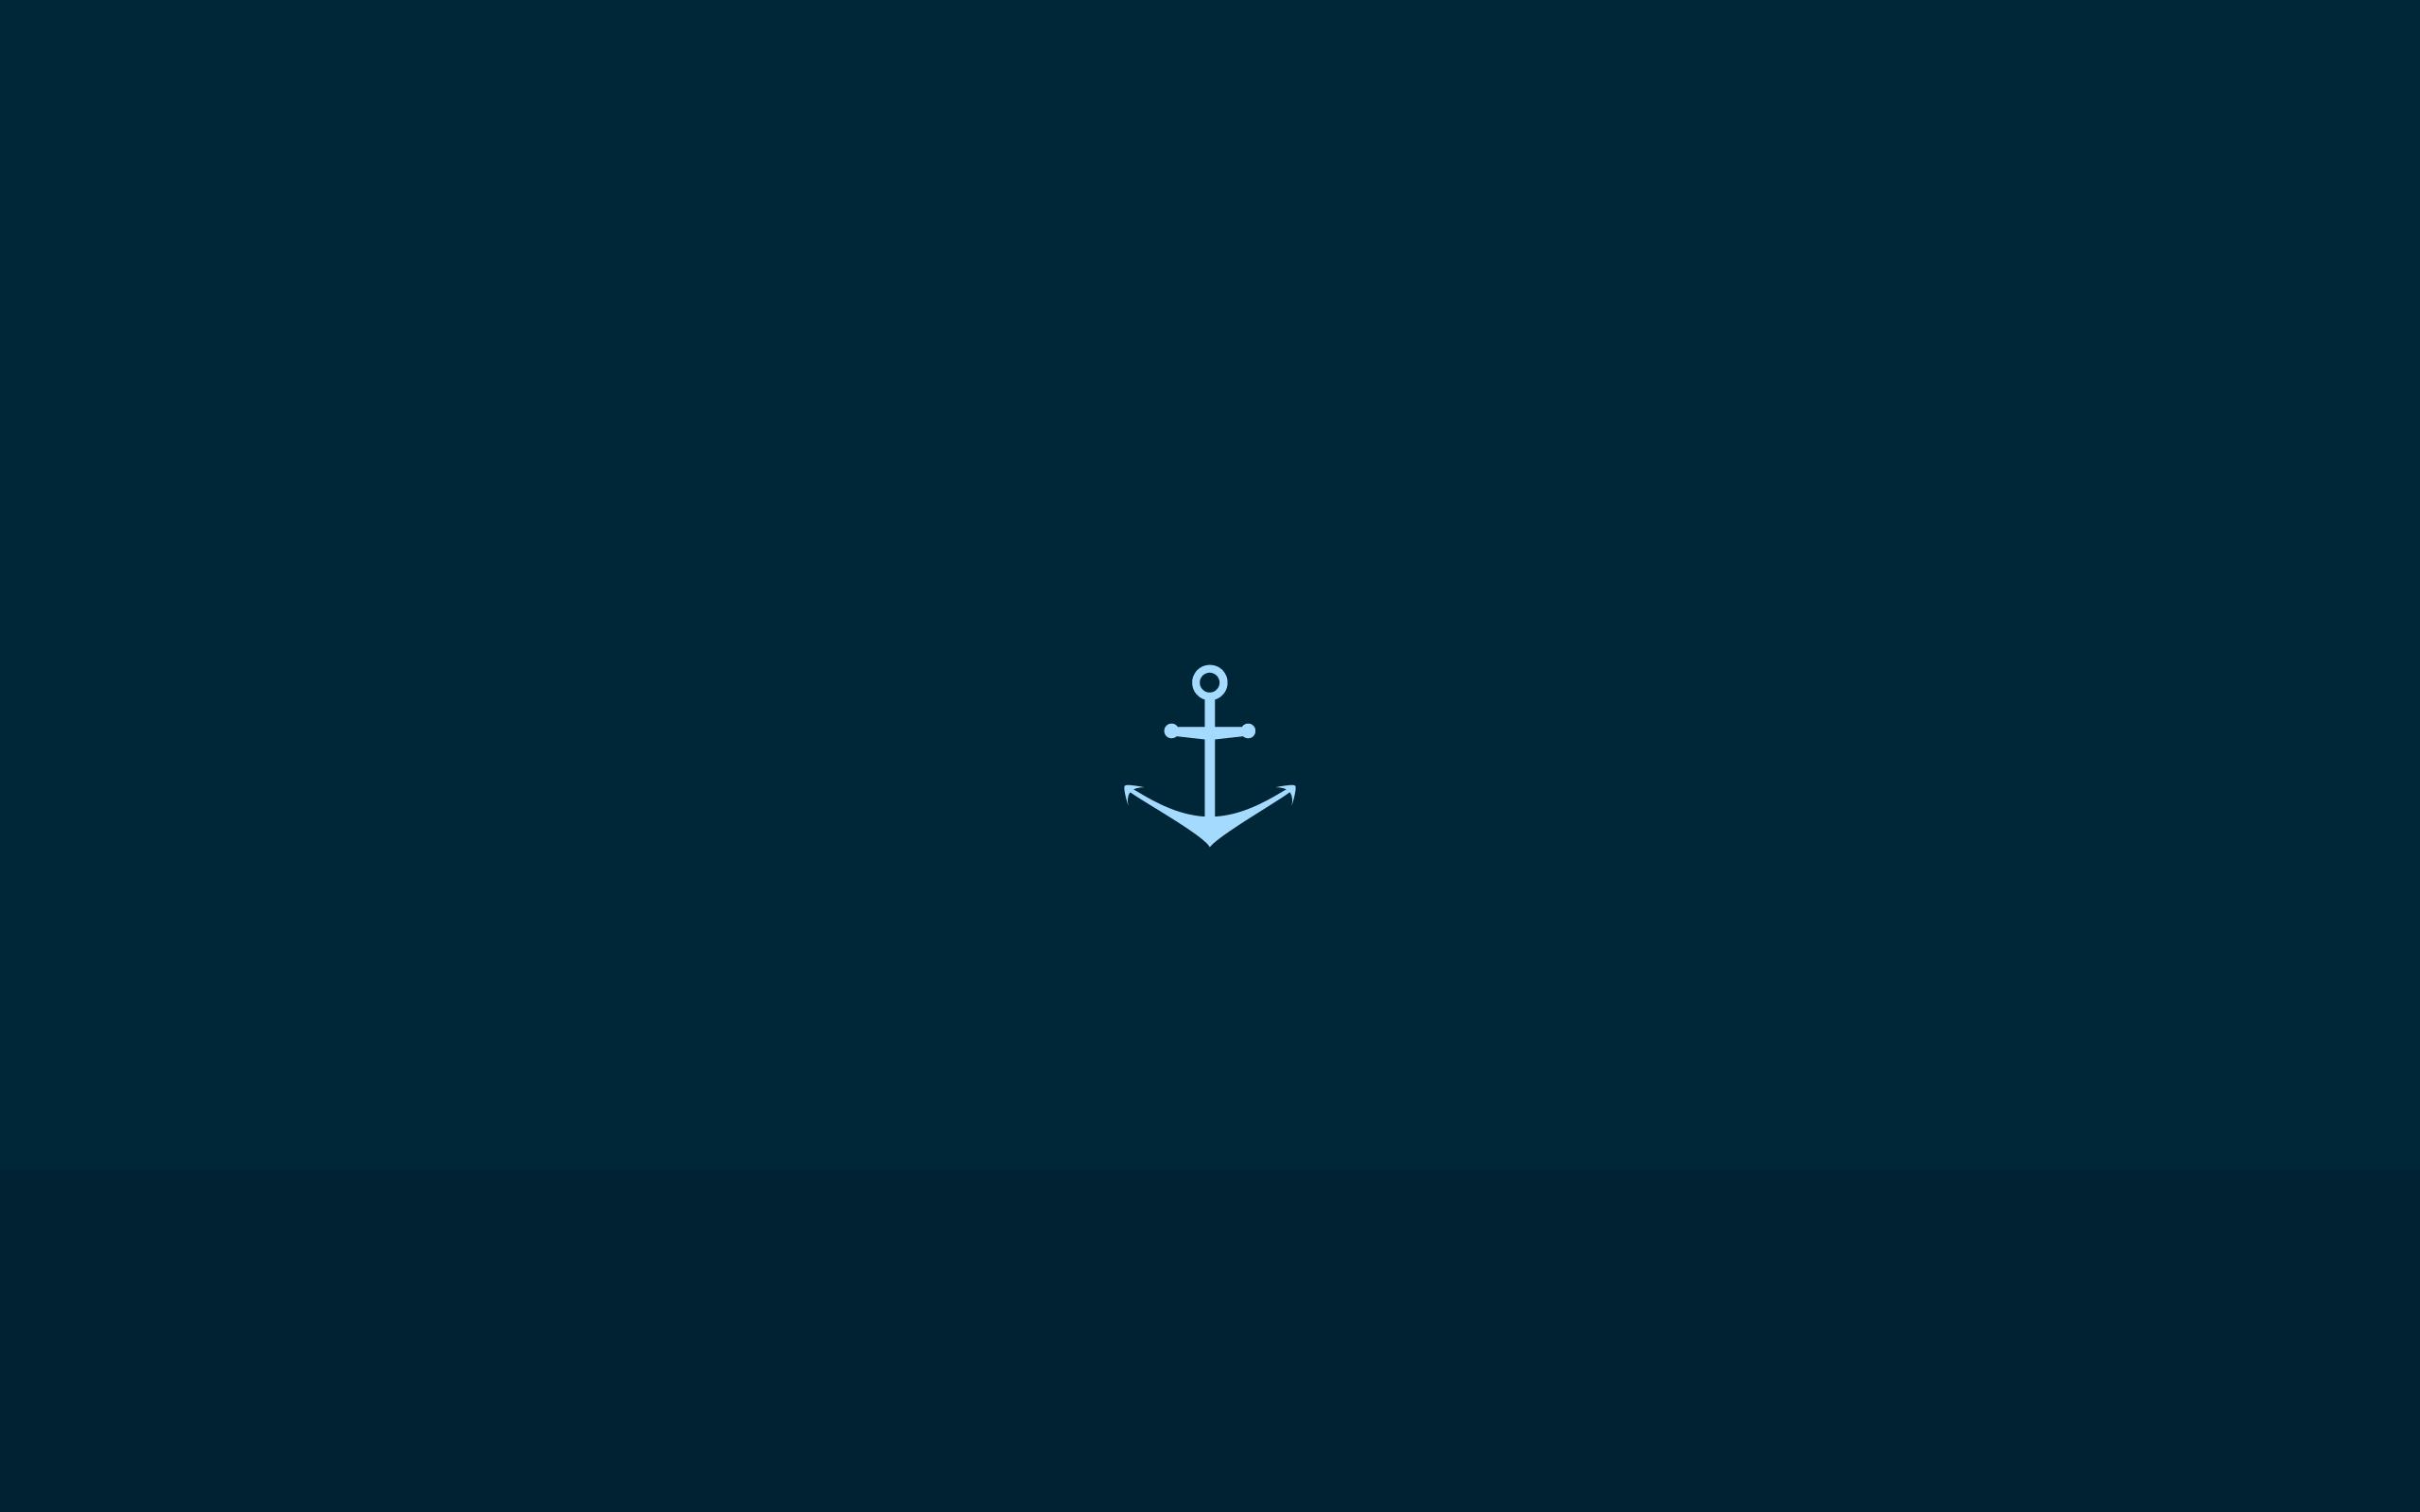 Anchor Desktop 2560x1600